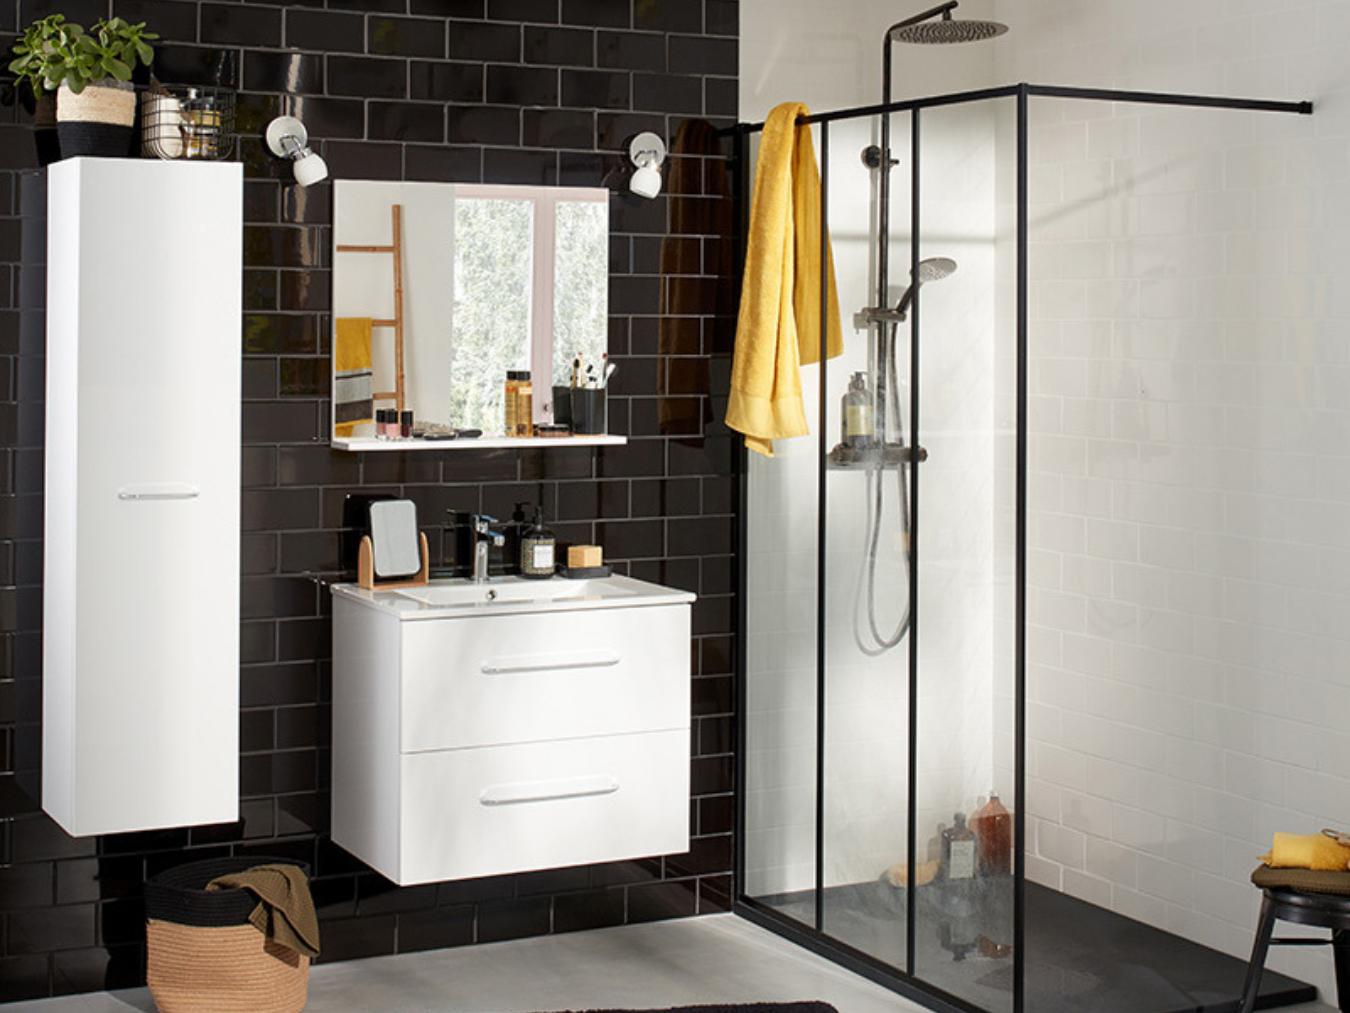 Deco Separation De Piece salle de bain noire et blanche : 15 idées pour vous inspirer